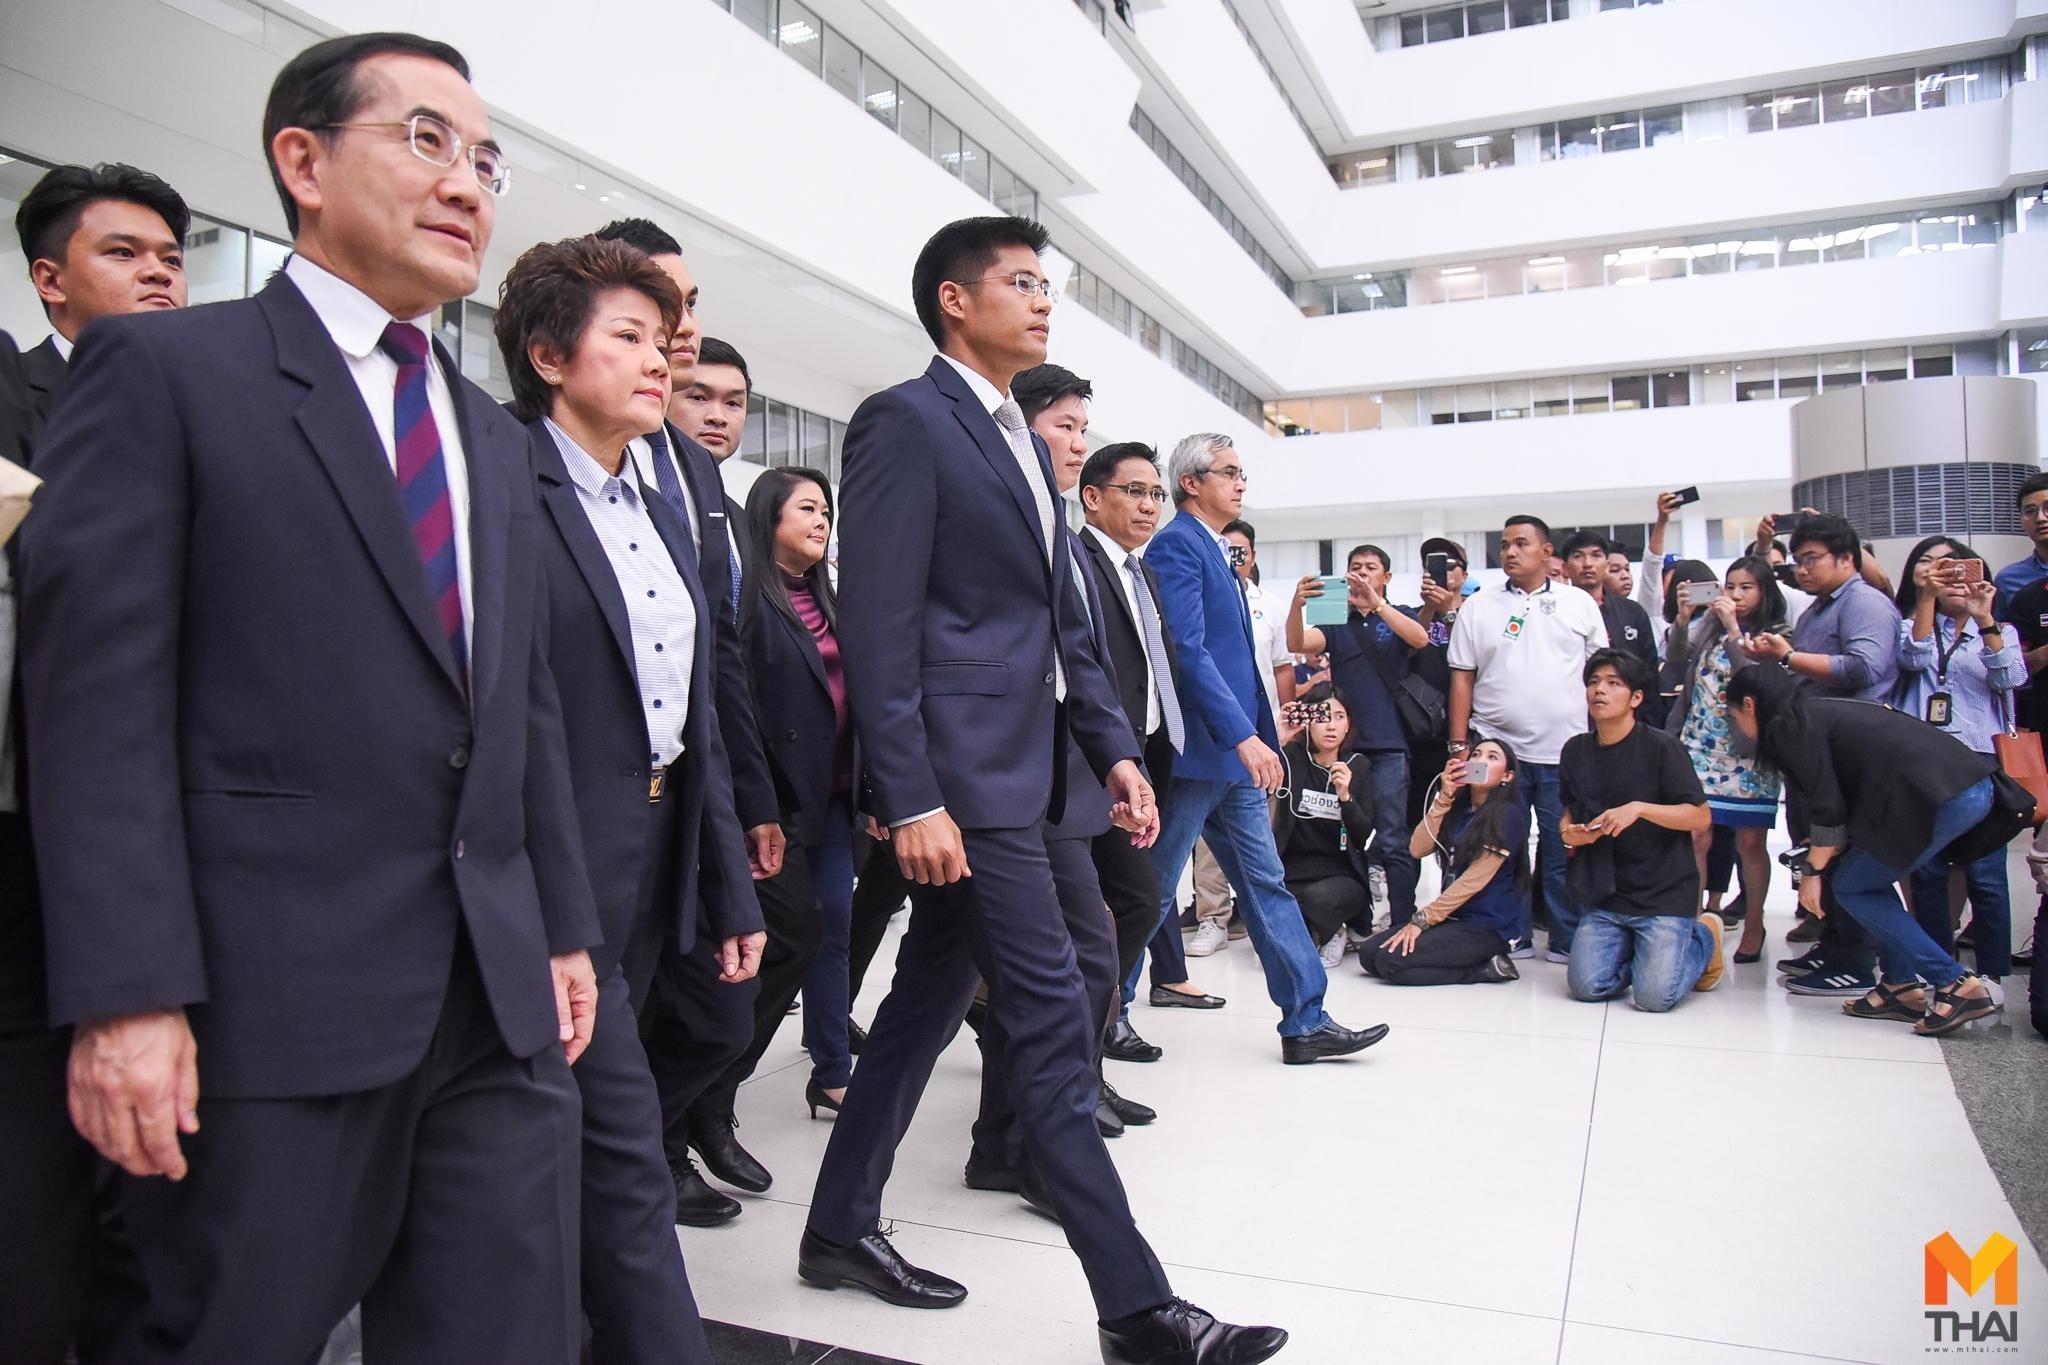 ข่าวสดวันนี้ ยุบพรรคไทยรักษาชาติ เลือกตั้ง62